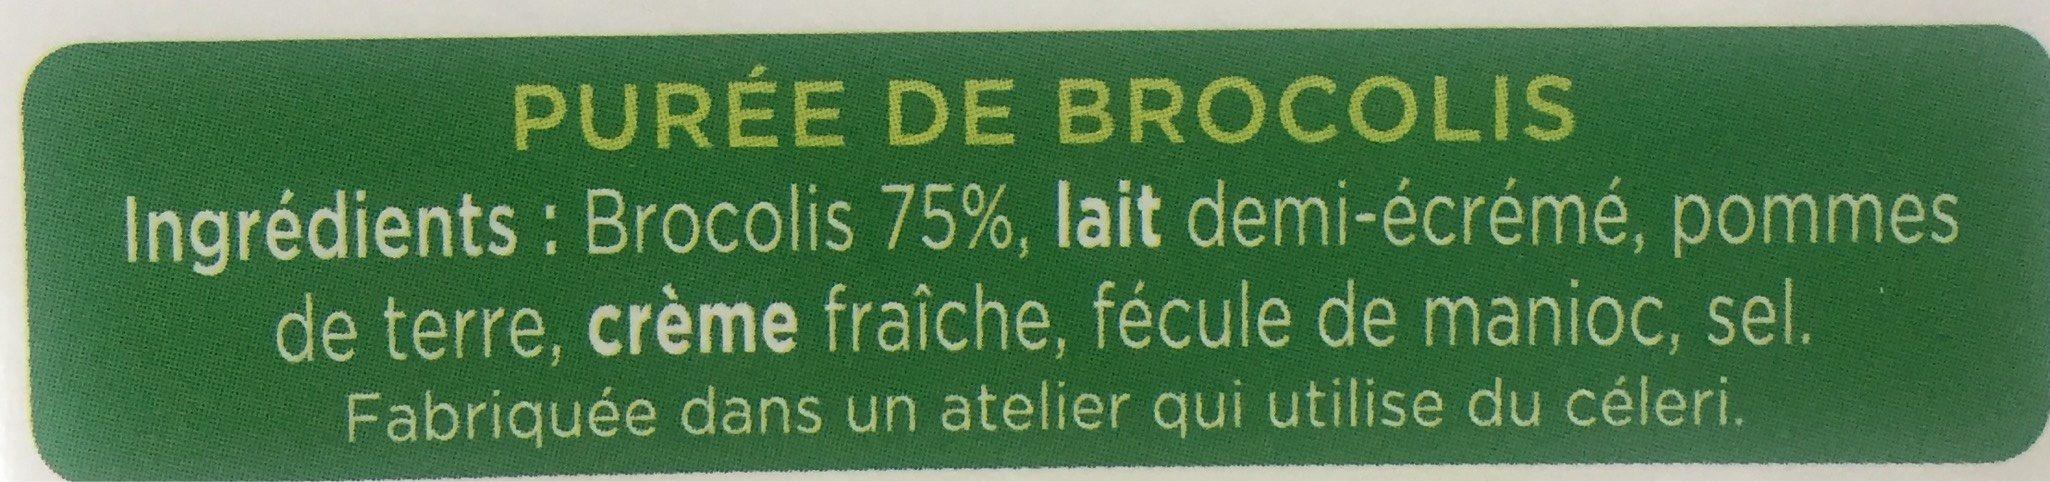 La Purée Brocolis - Informations nutritionnelles - fr